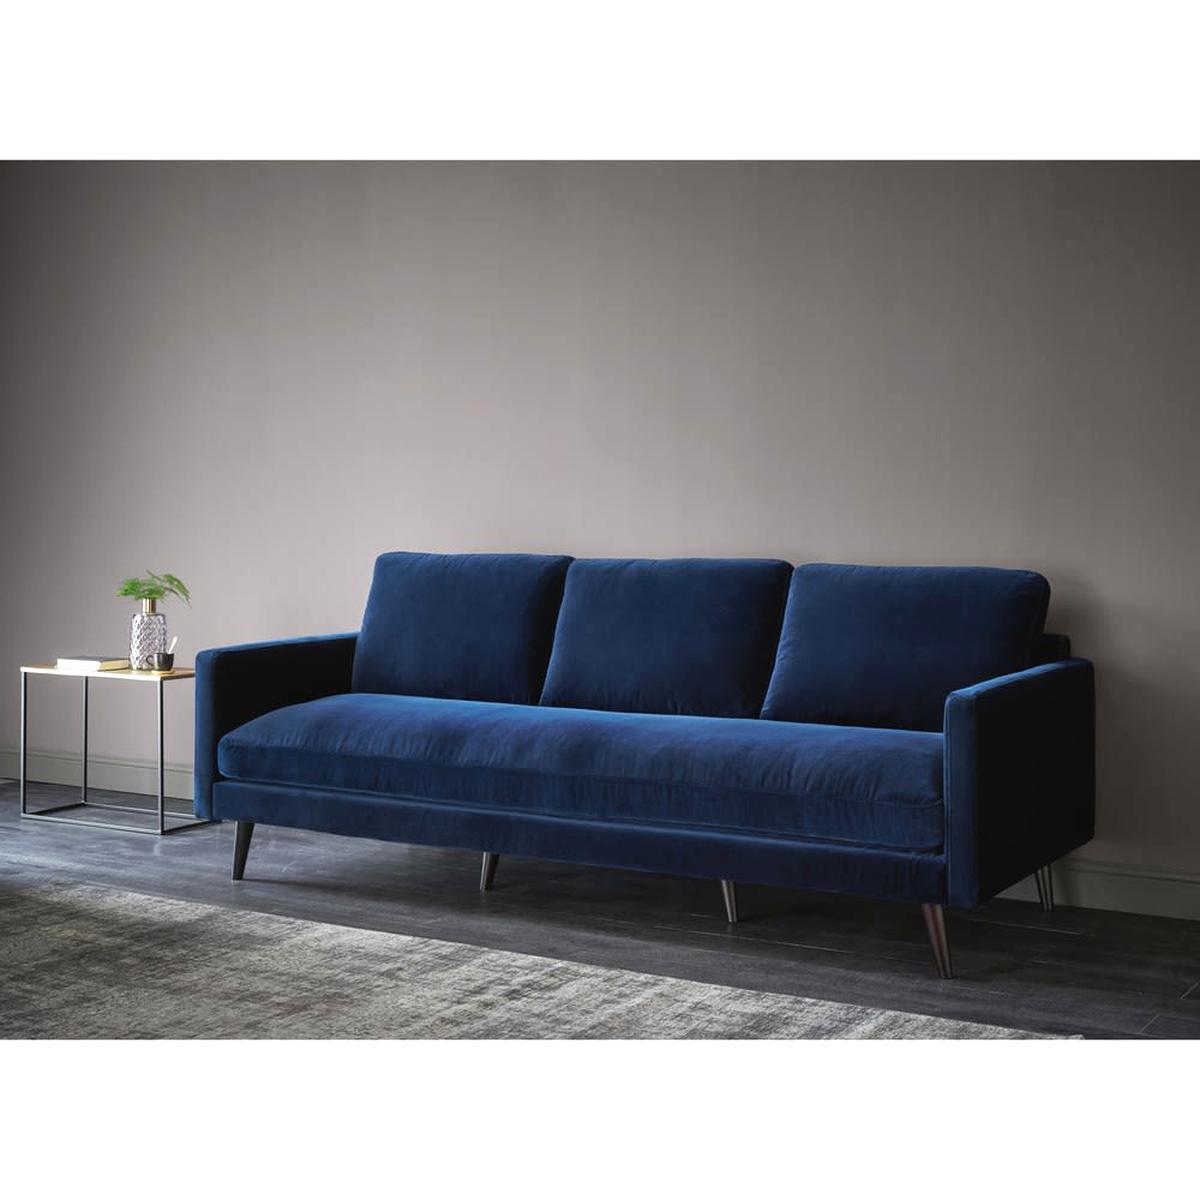 Canapé En Velours Cotelé canape velours bleu d'occasion